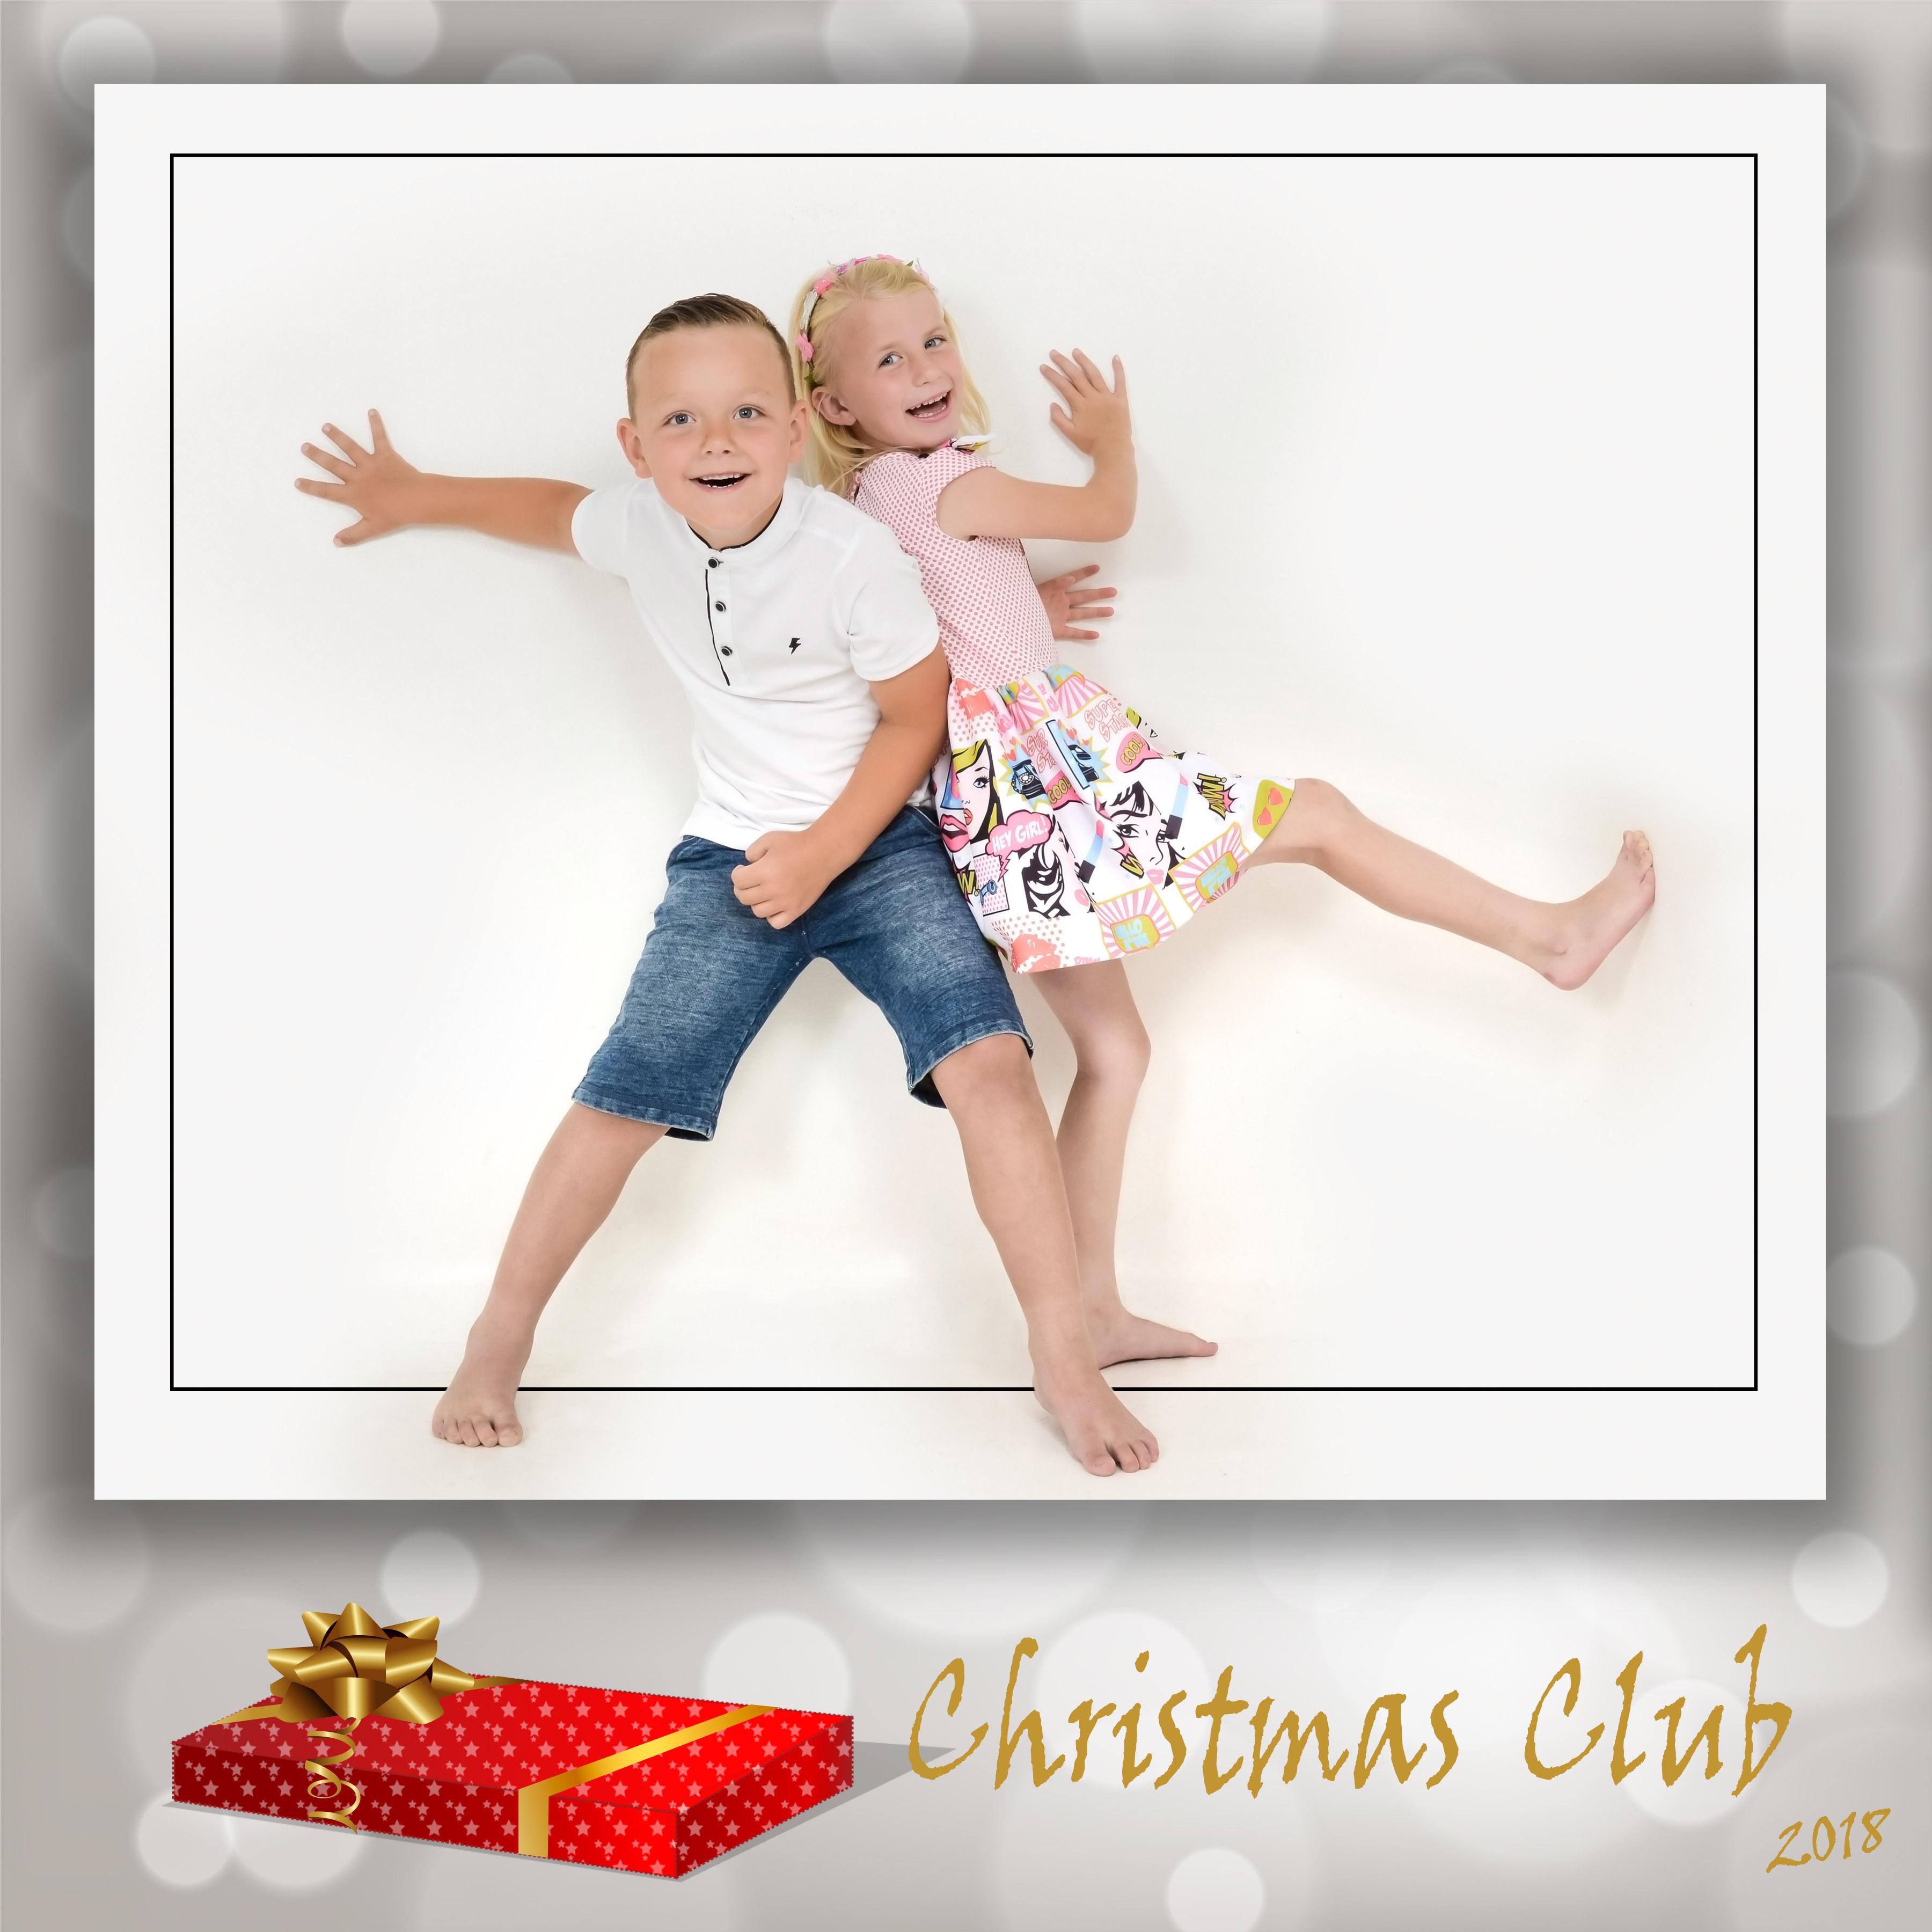 christmas-club-2018